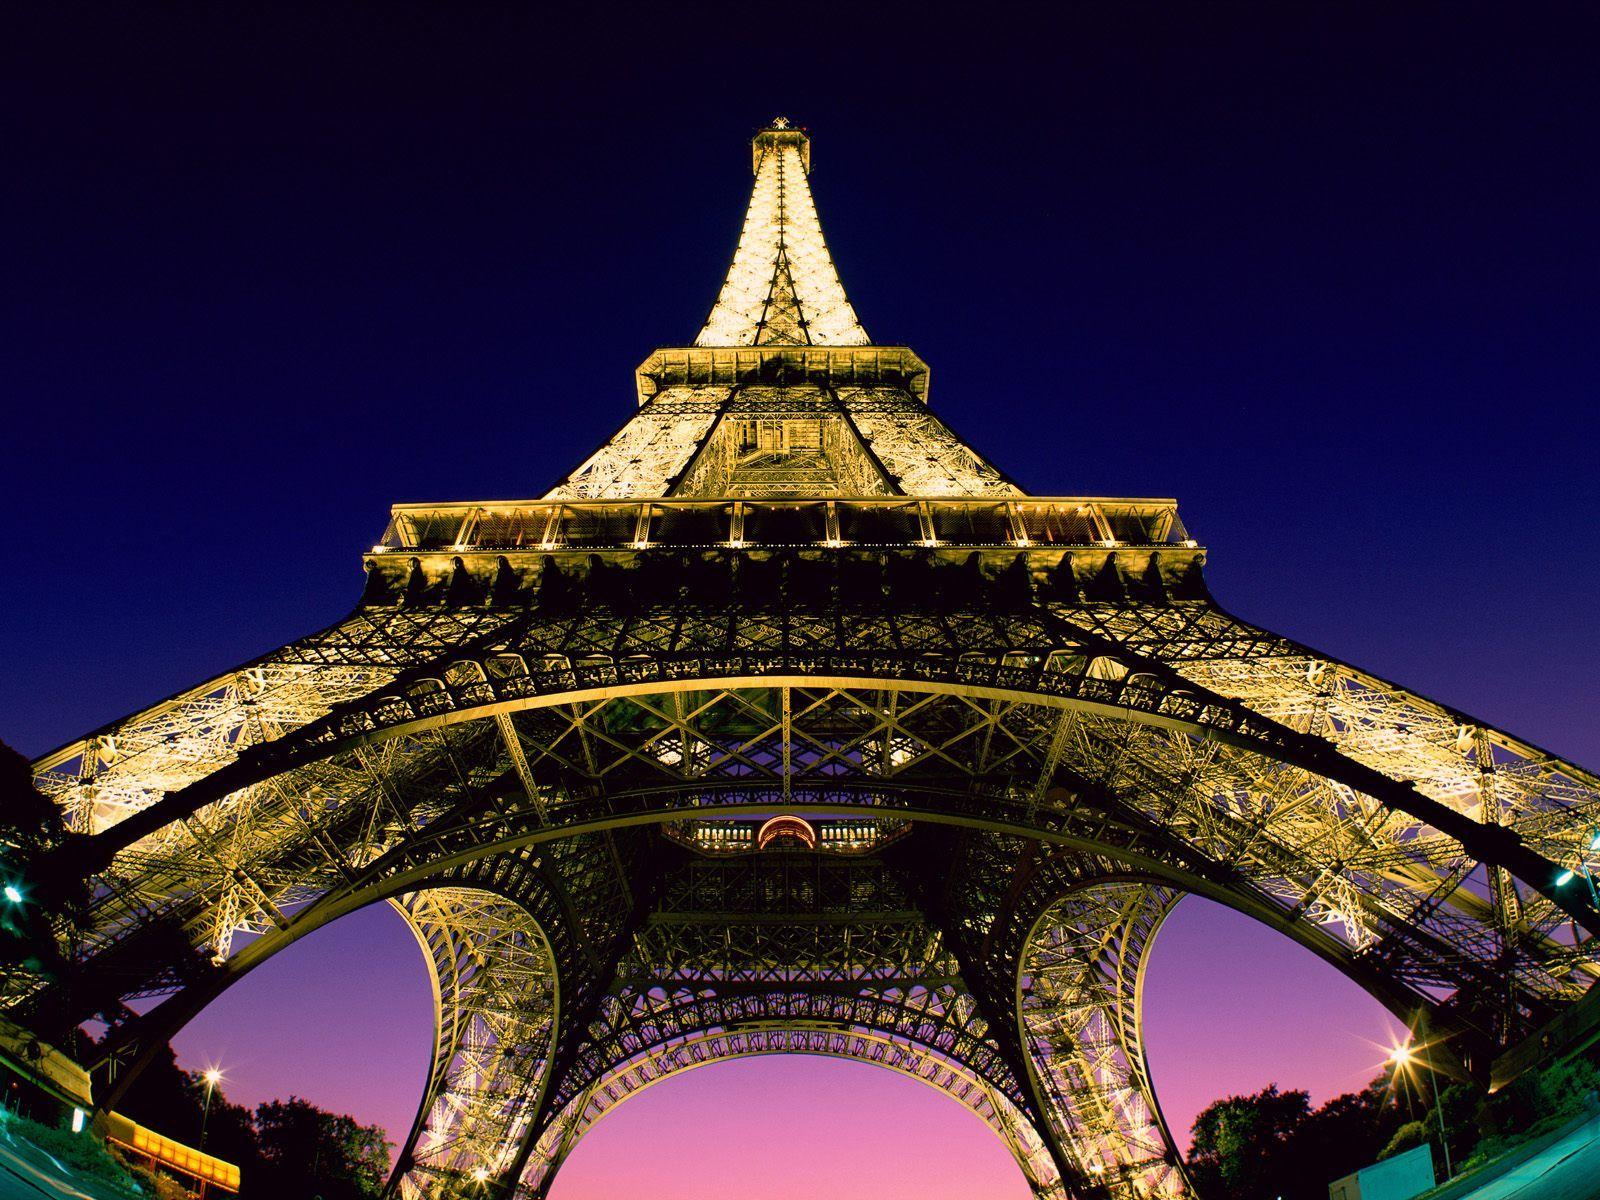 Eiffelova_věž -